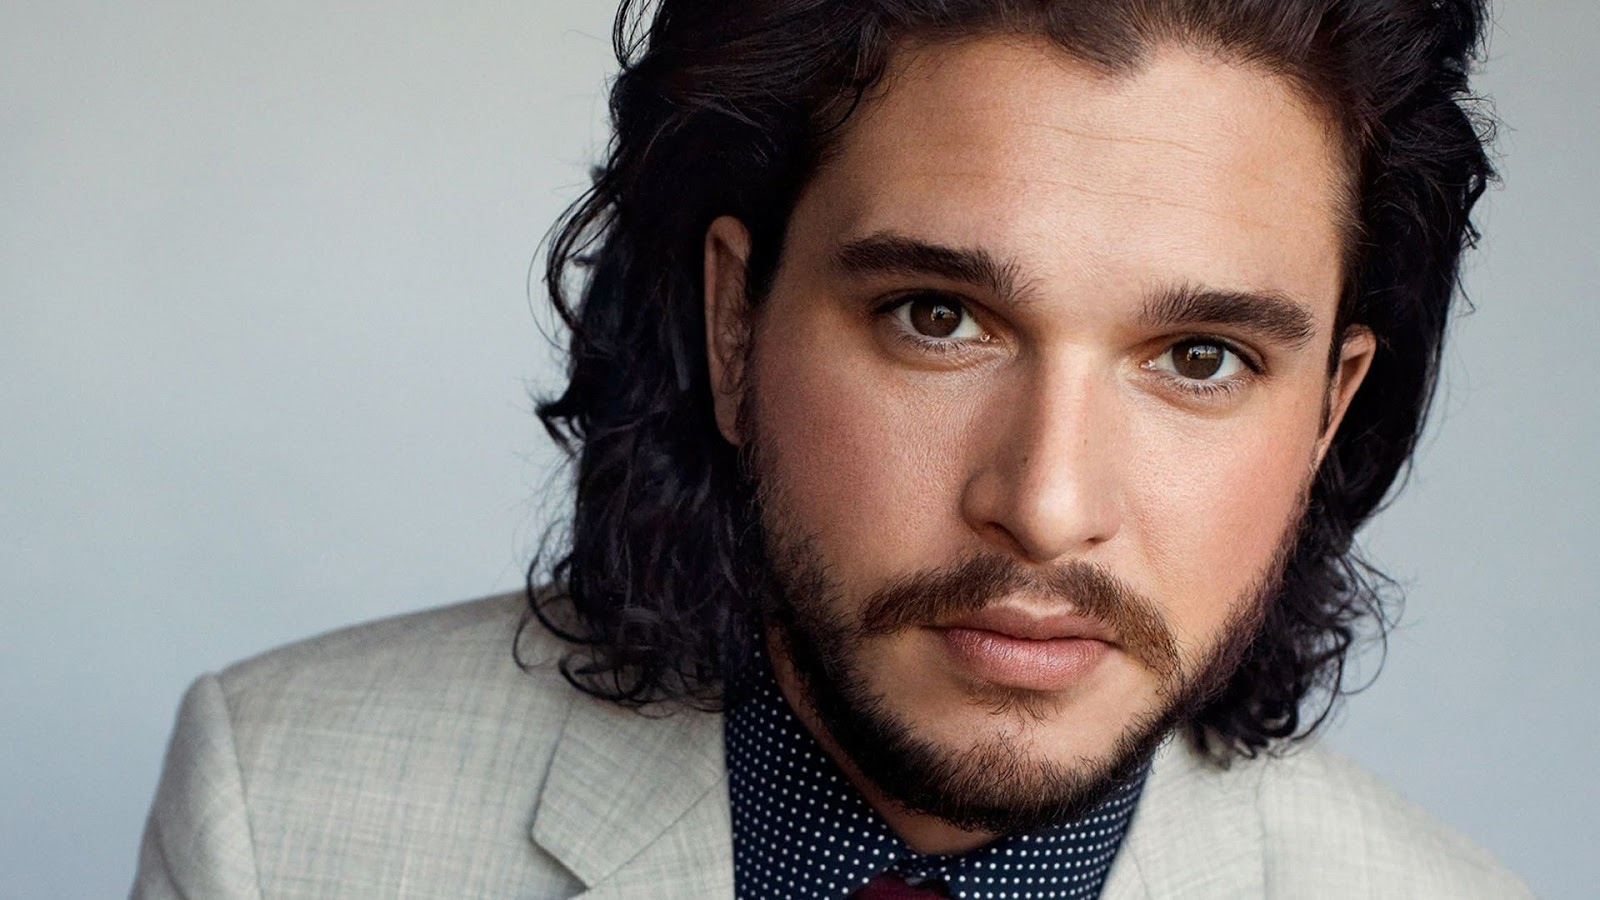 Fakta Menarik Tentang Film Game of Thrones yang Harus Kamu Tau